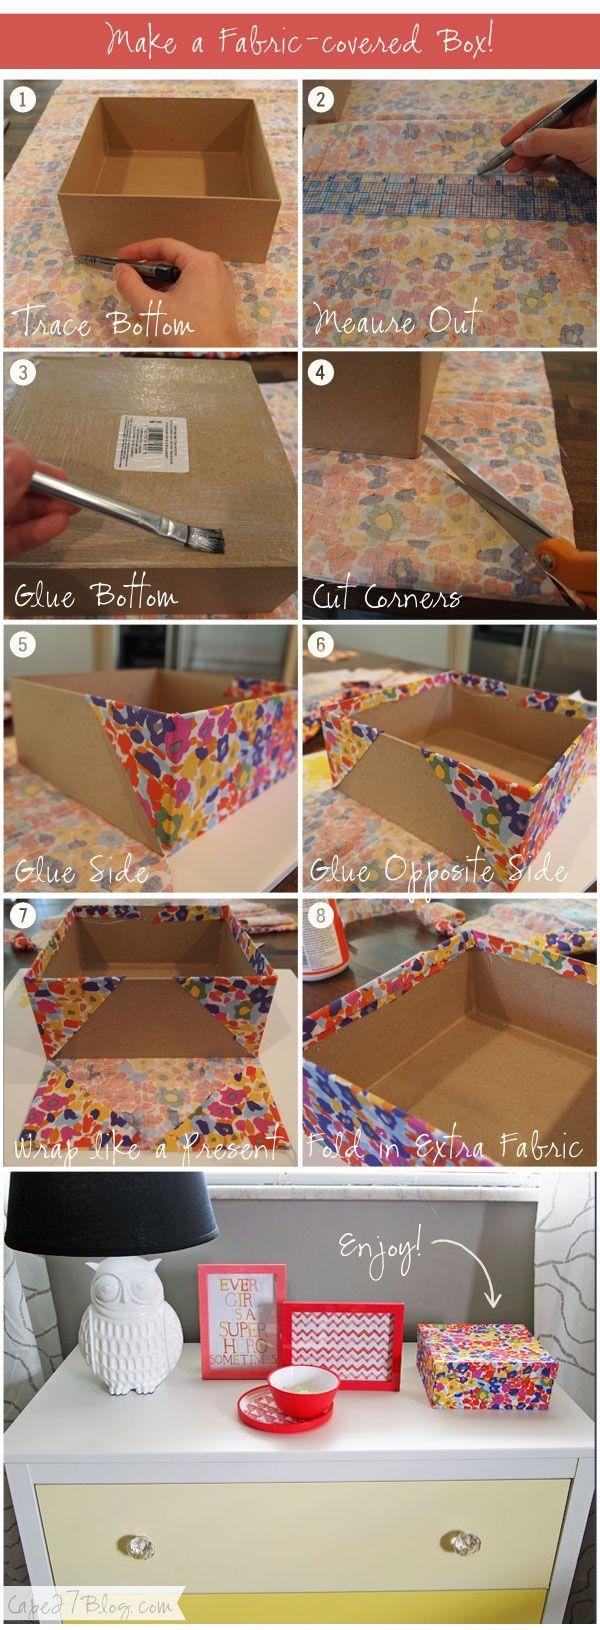 El taller de bielisa forrar una caja con tela - Forrar cajas de carton con telas ...